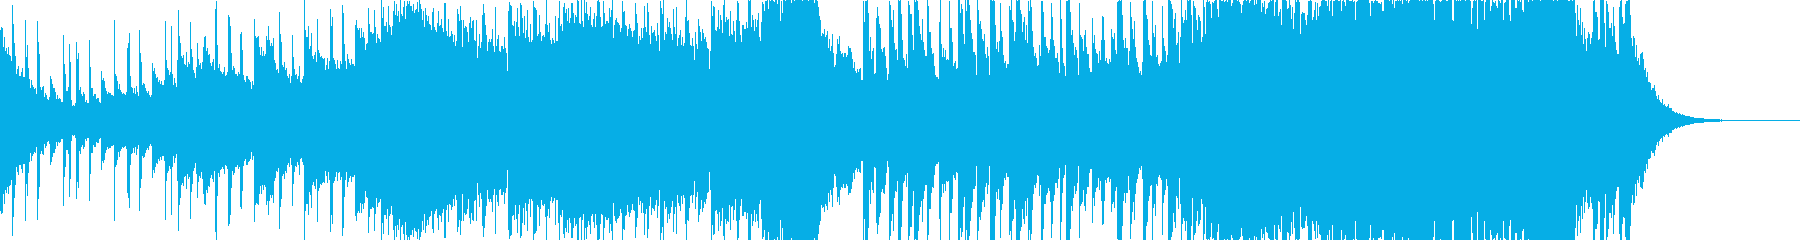 短めな可愛いフューチャーベースの再生済みの波形